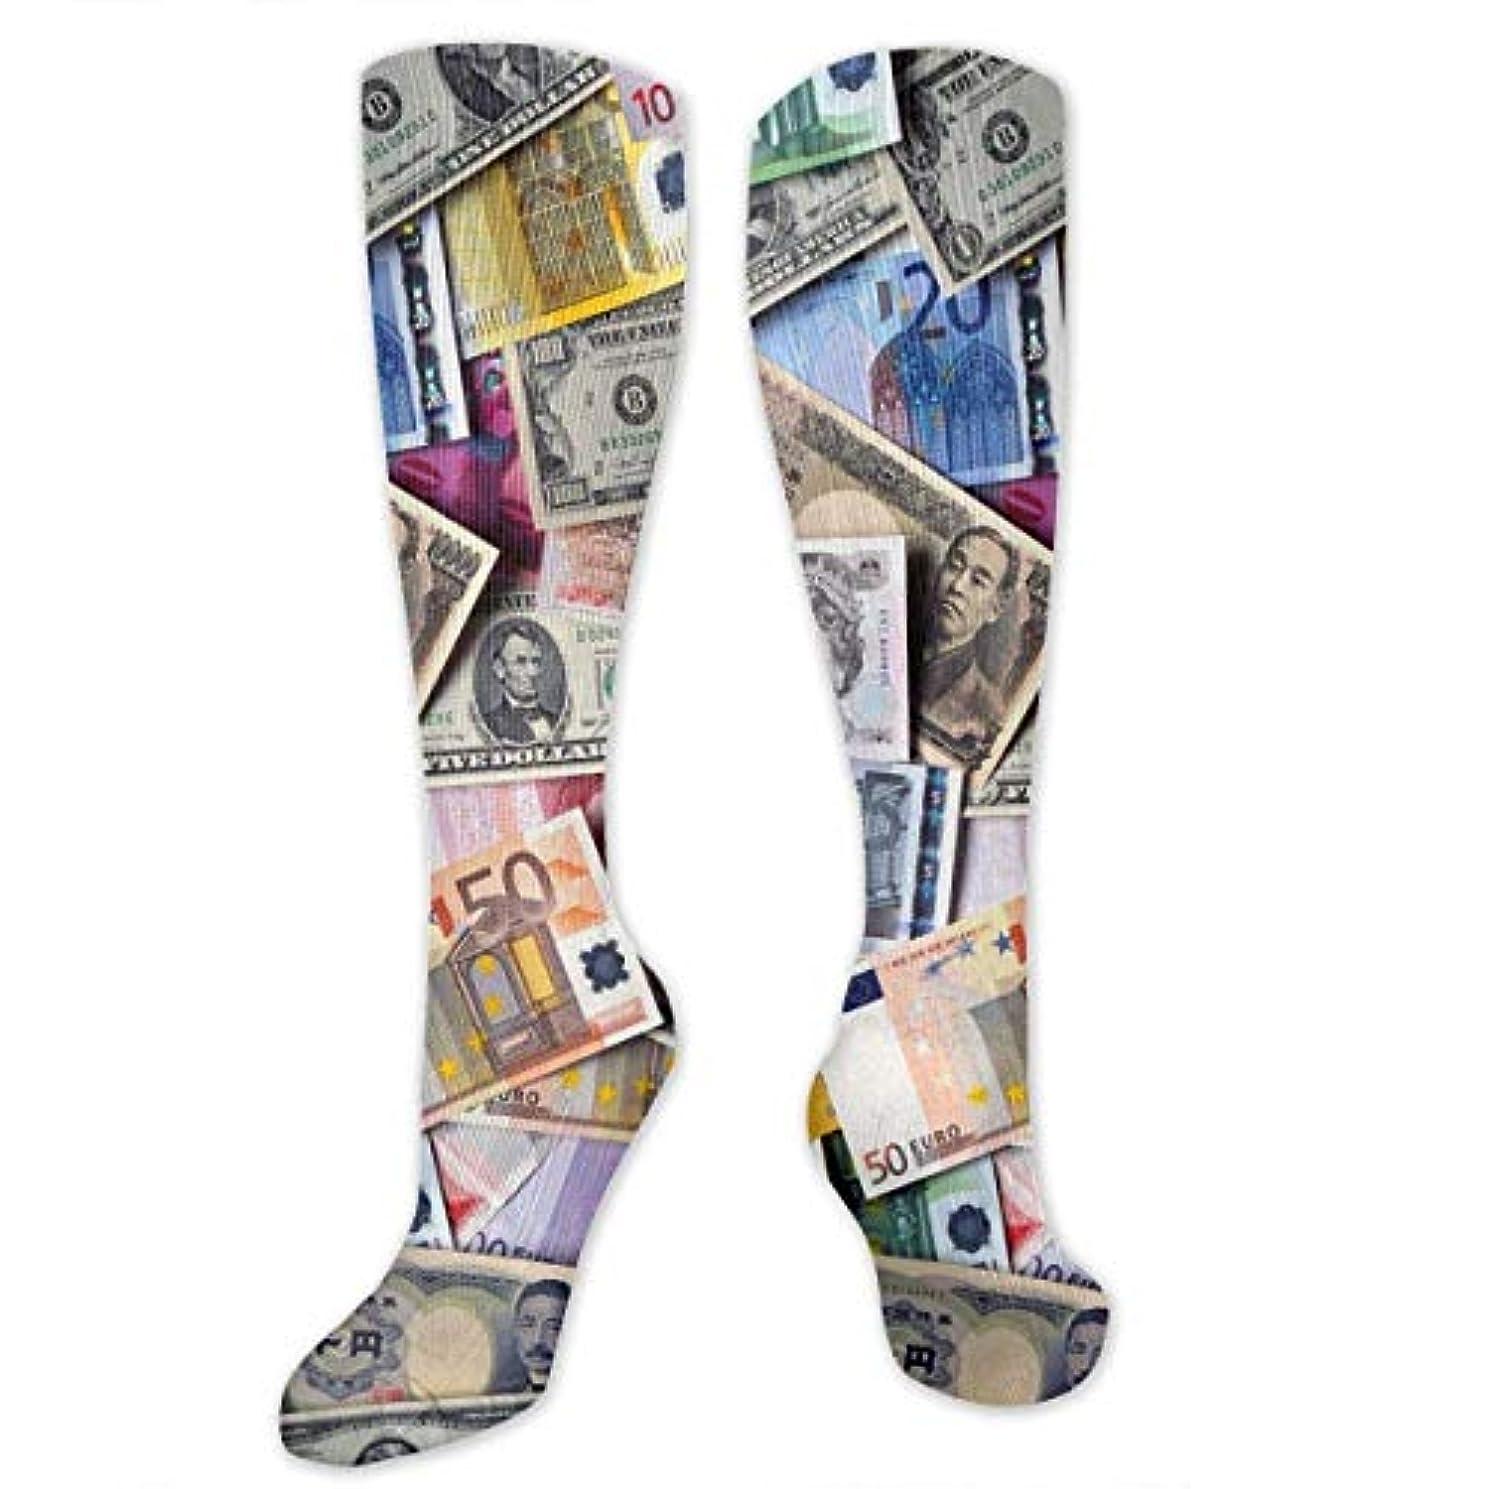 ビジョンマザーランド海洋の靴下,ストッキング,野生のジョーカー,実際,秋の本質,冬必須,サマーウェア&RBXAA International Currency Socks Women's Winter Cotton Long Tube Socks...